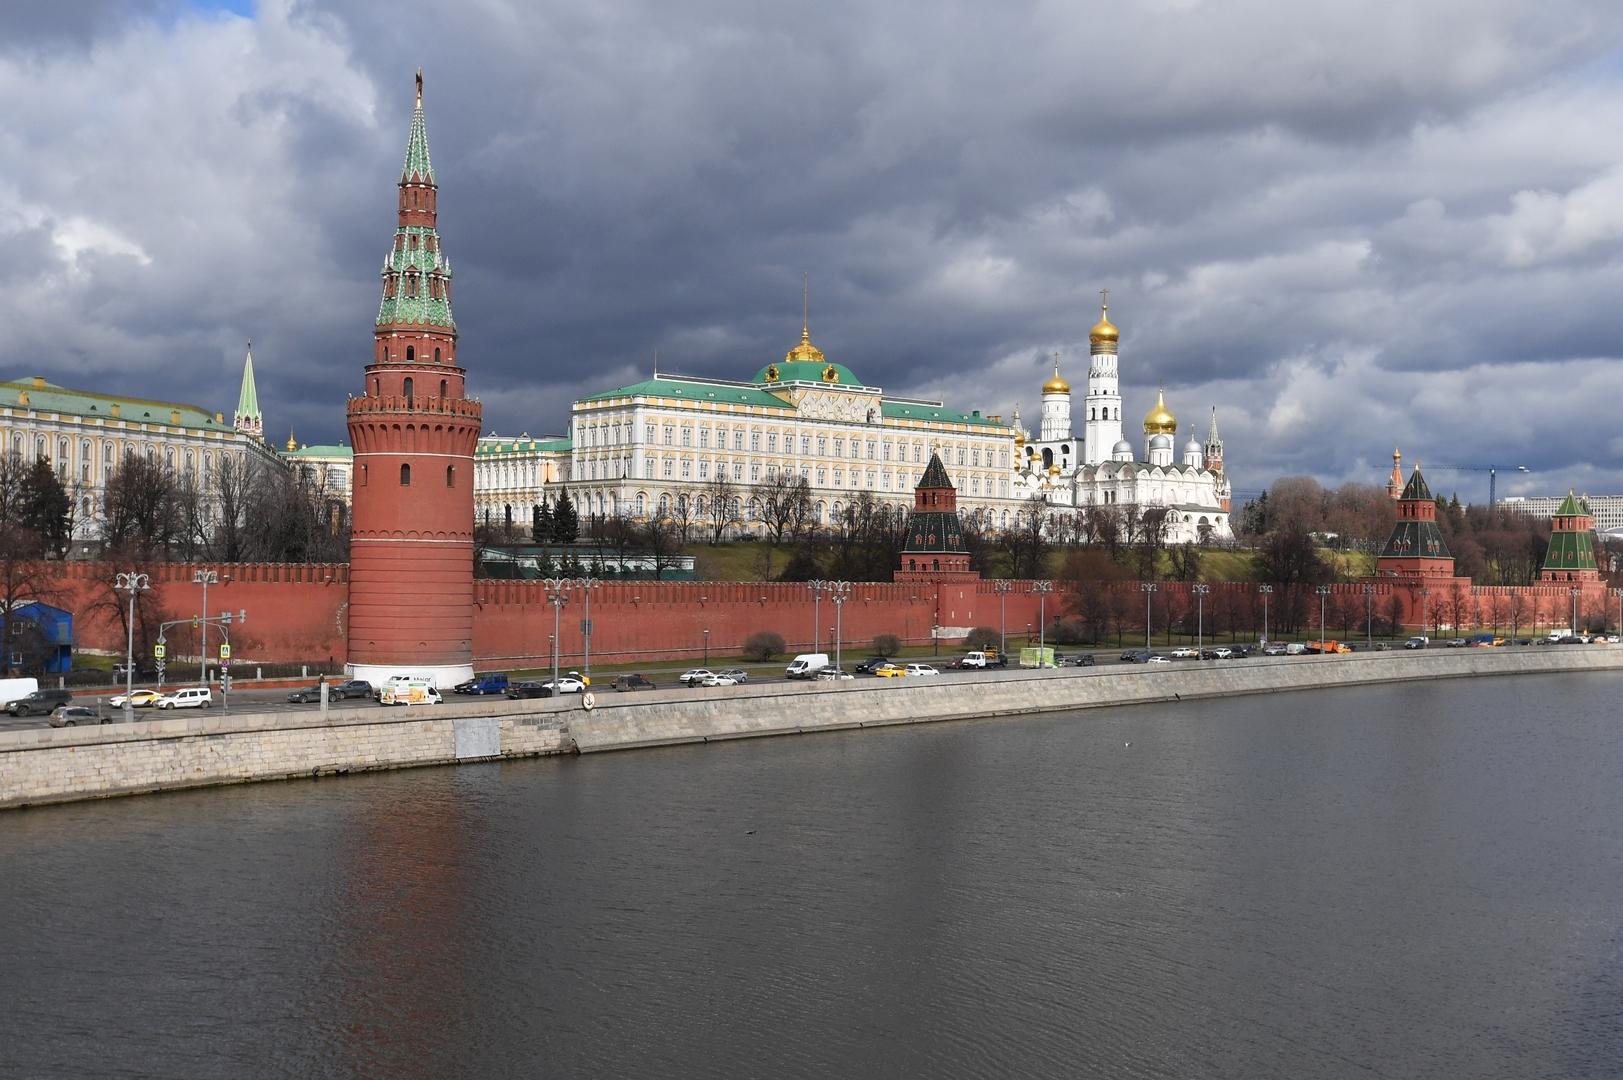 الكرملين يعلق على كلام لوكاشينكو عن وجود أدلة على فبركة قضية